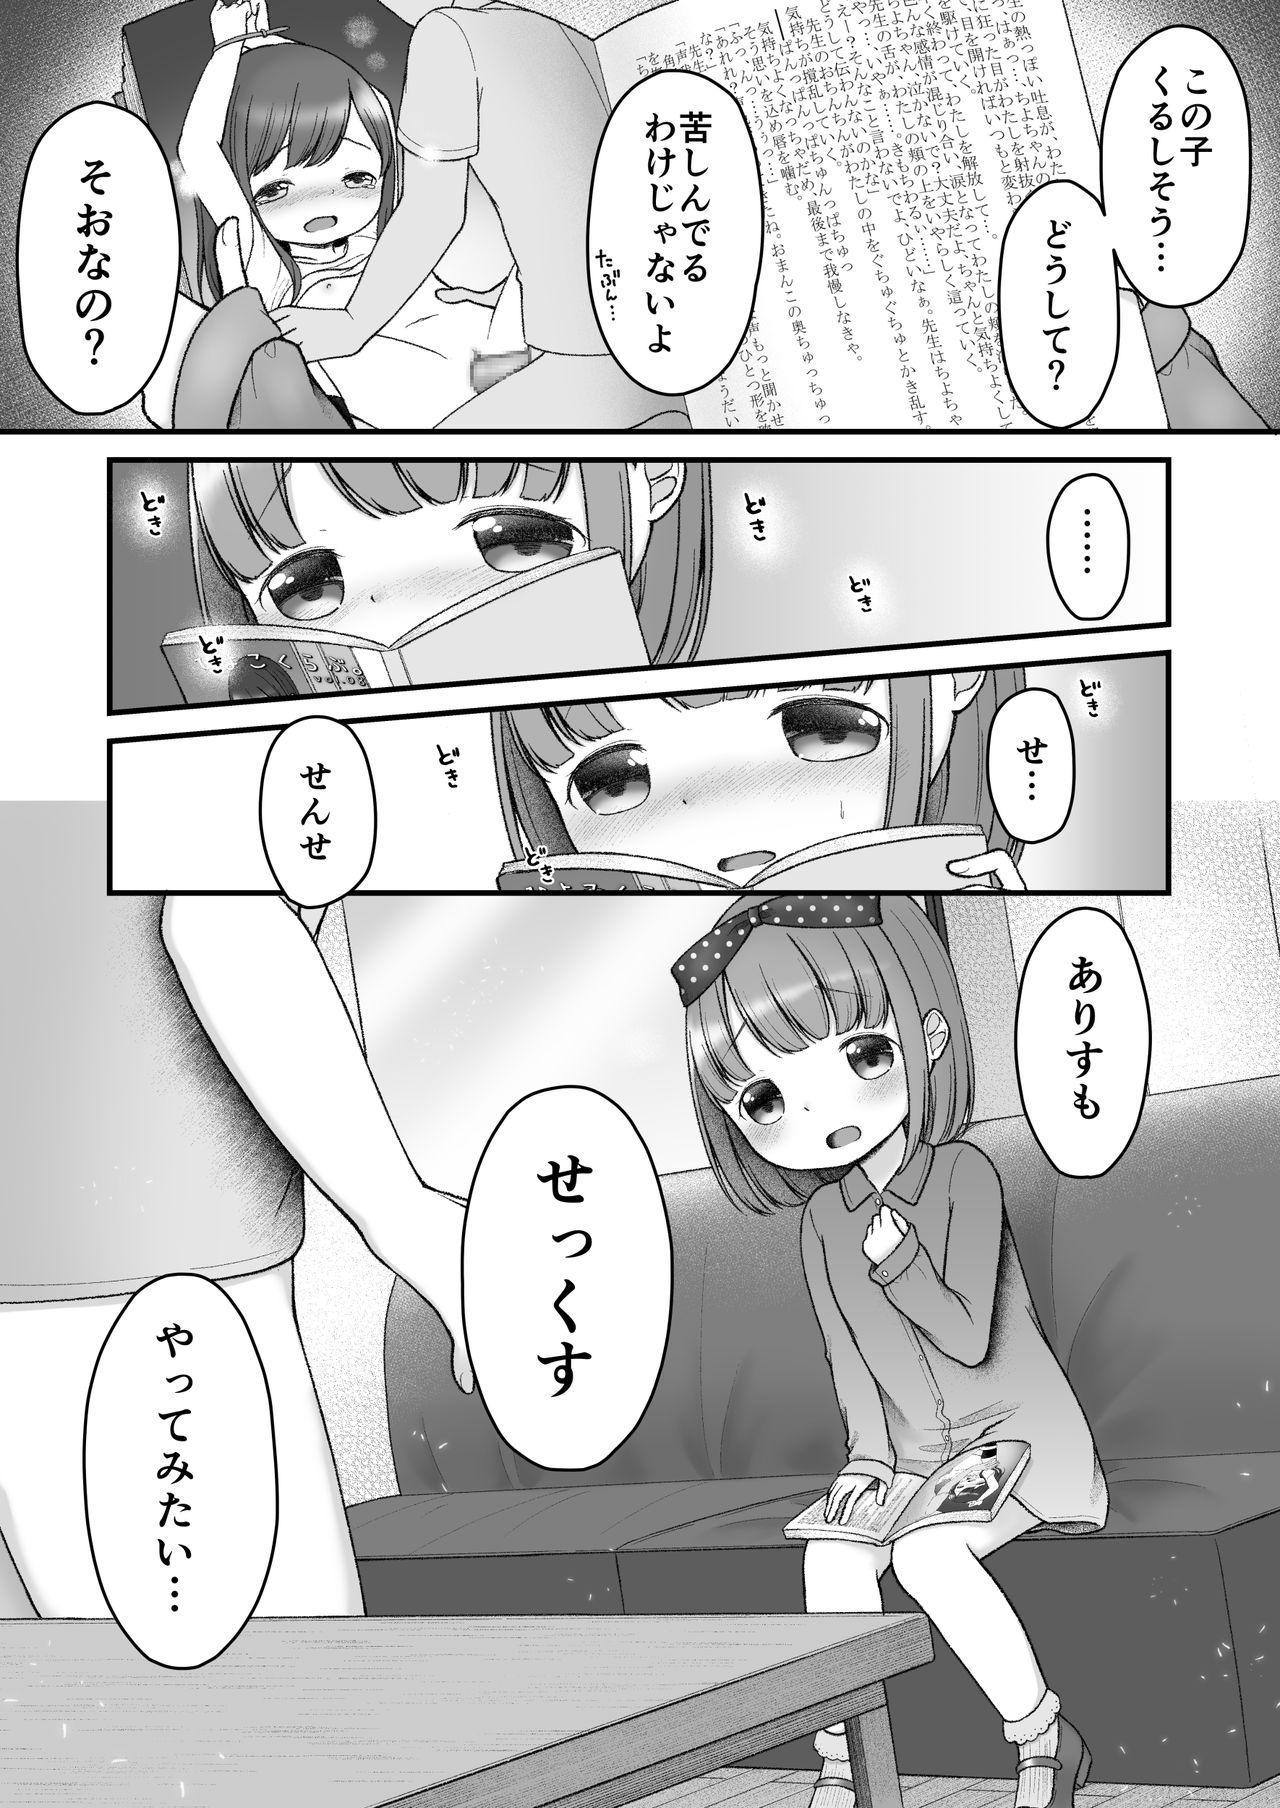 Ehon no Kuni no Arisu 14